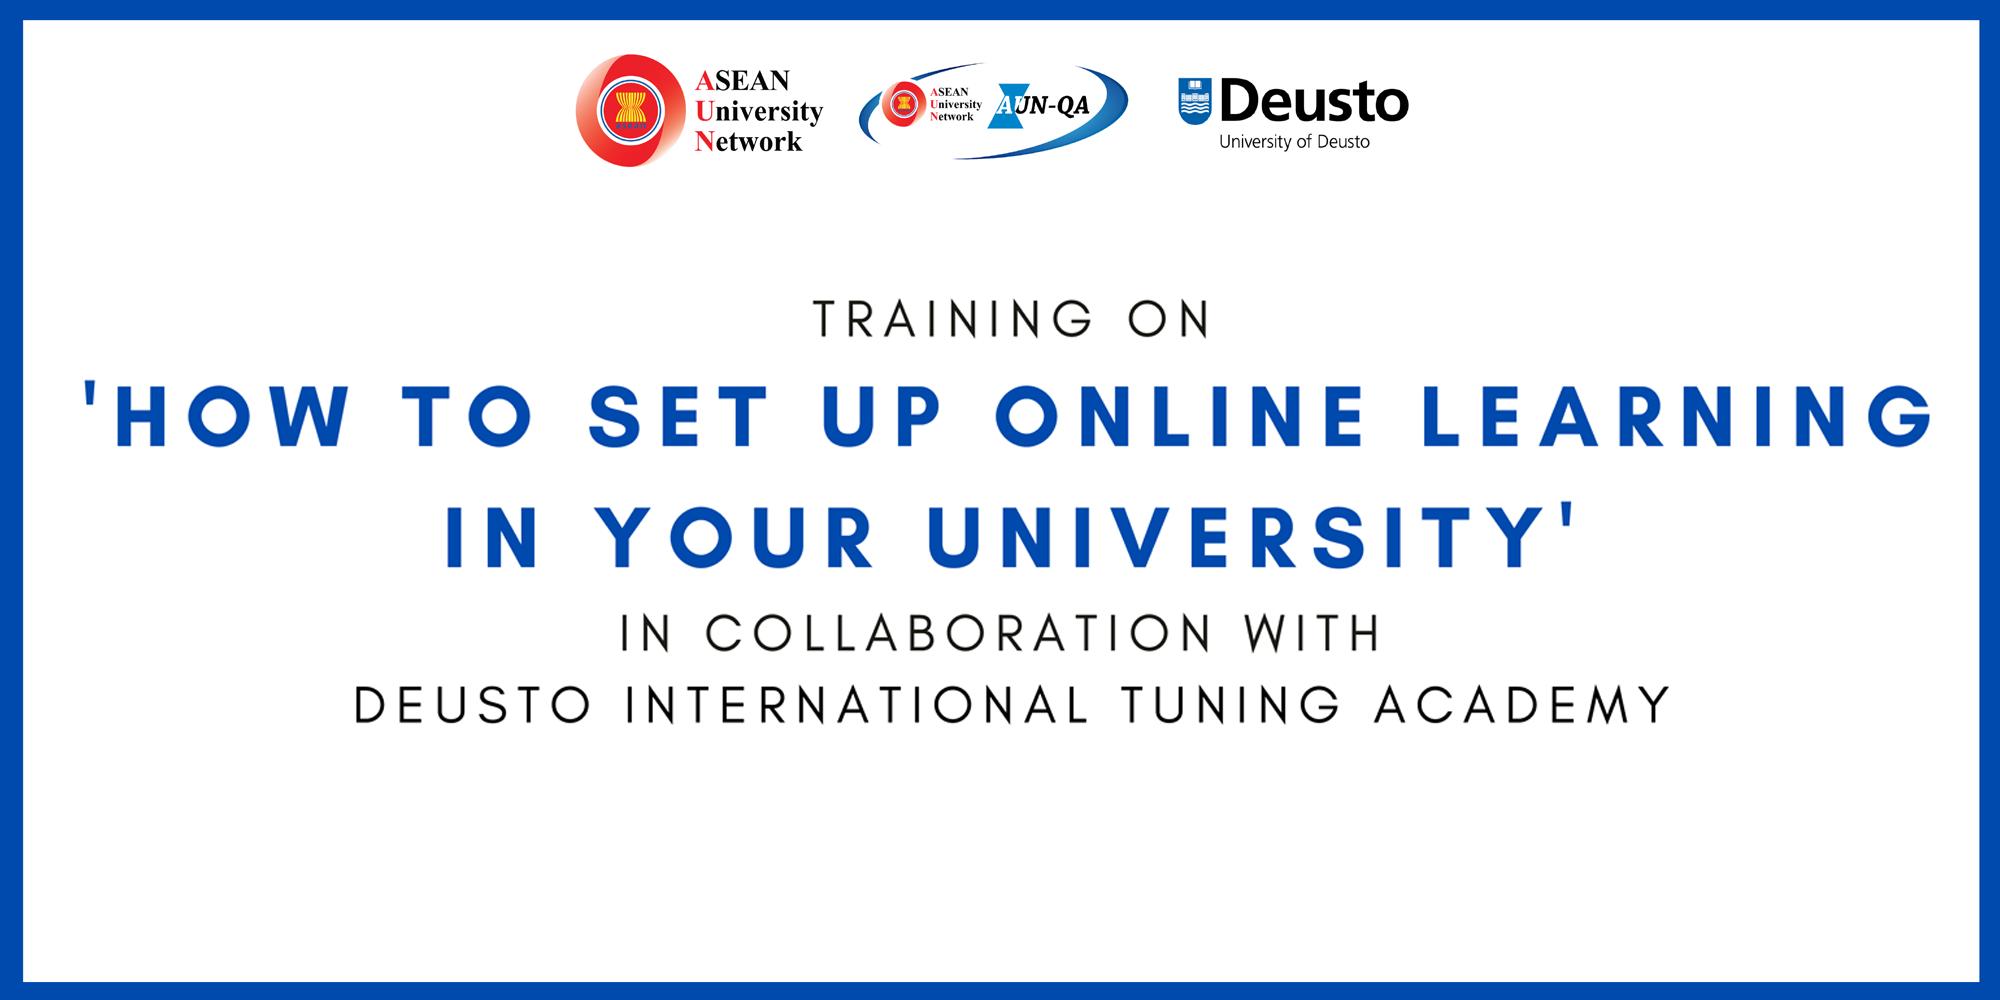 AUN จัดฝึกปฏิบัติ การออกแบบการเรียนการสอนออนไลน์ในมหาวิทยาลัย